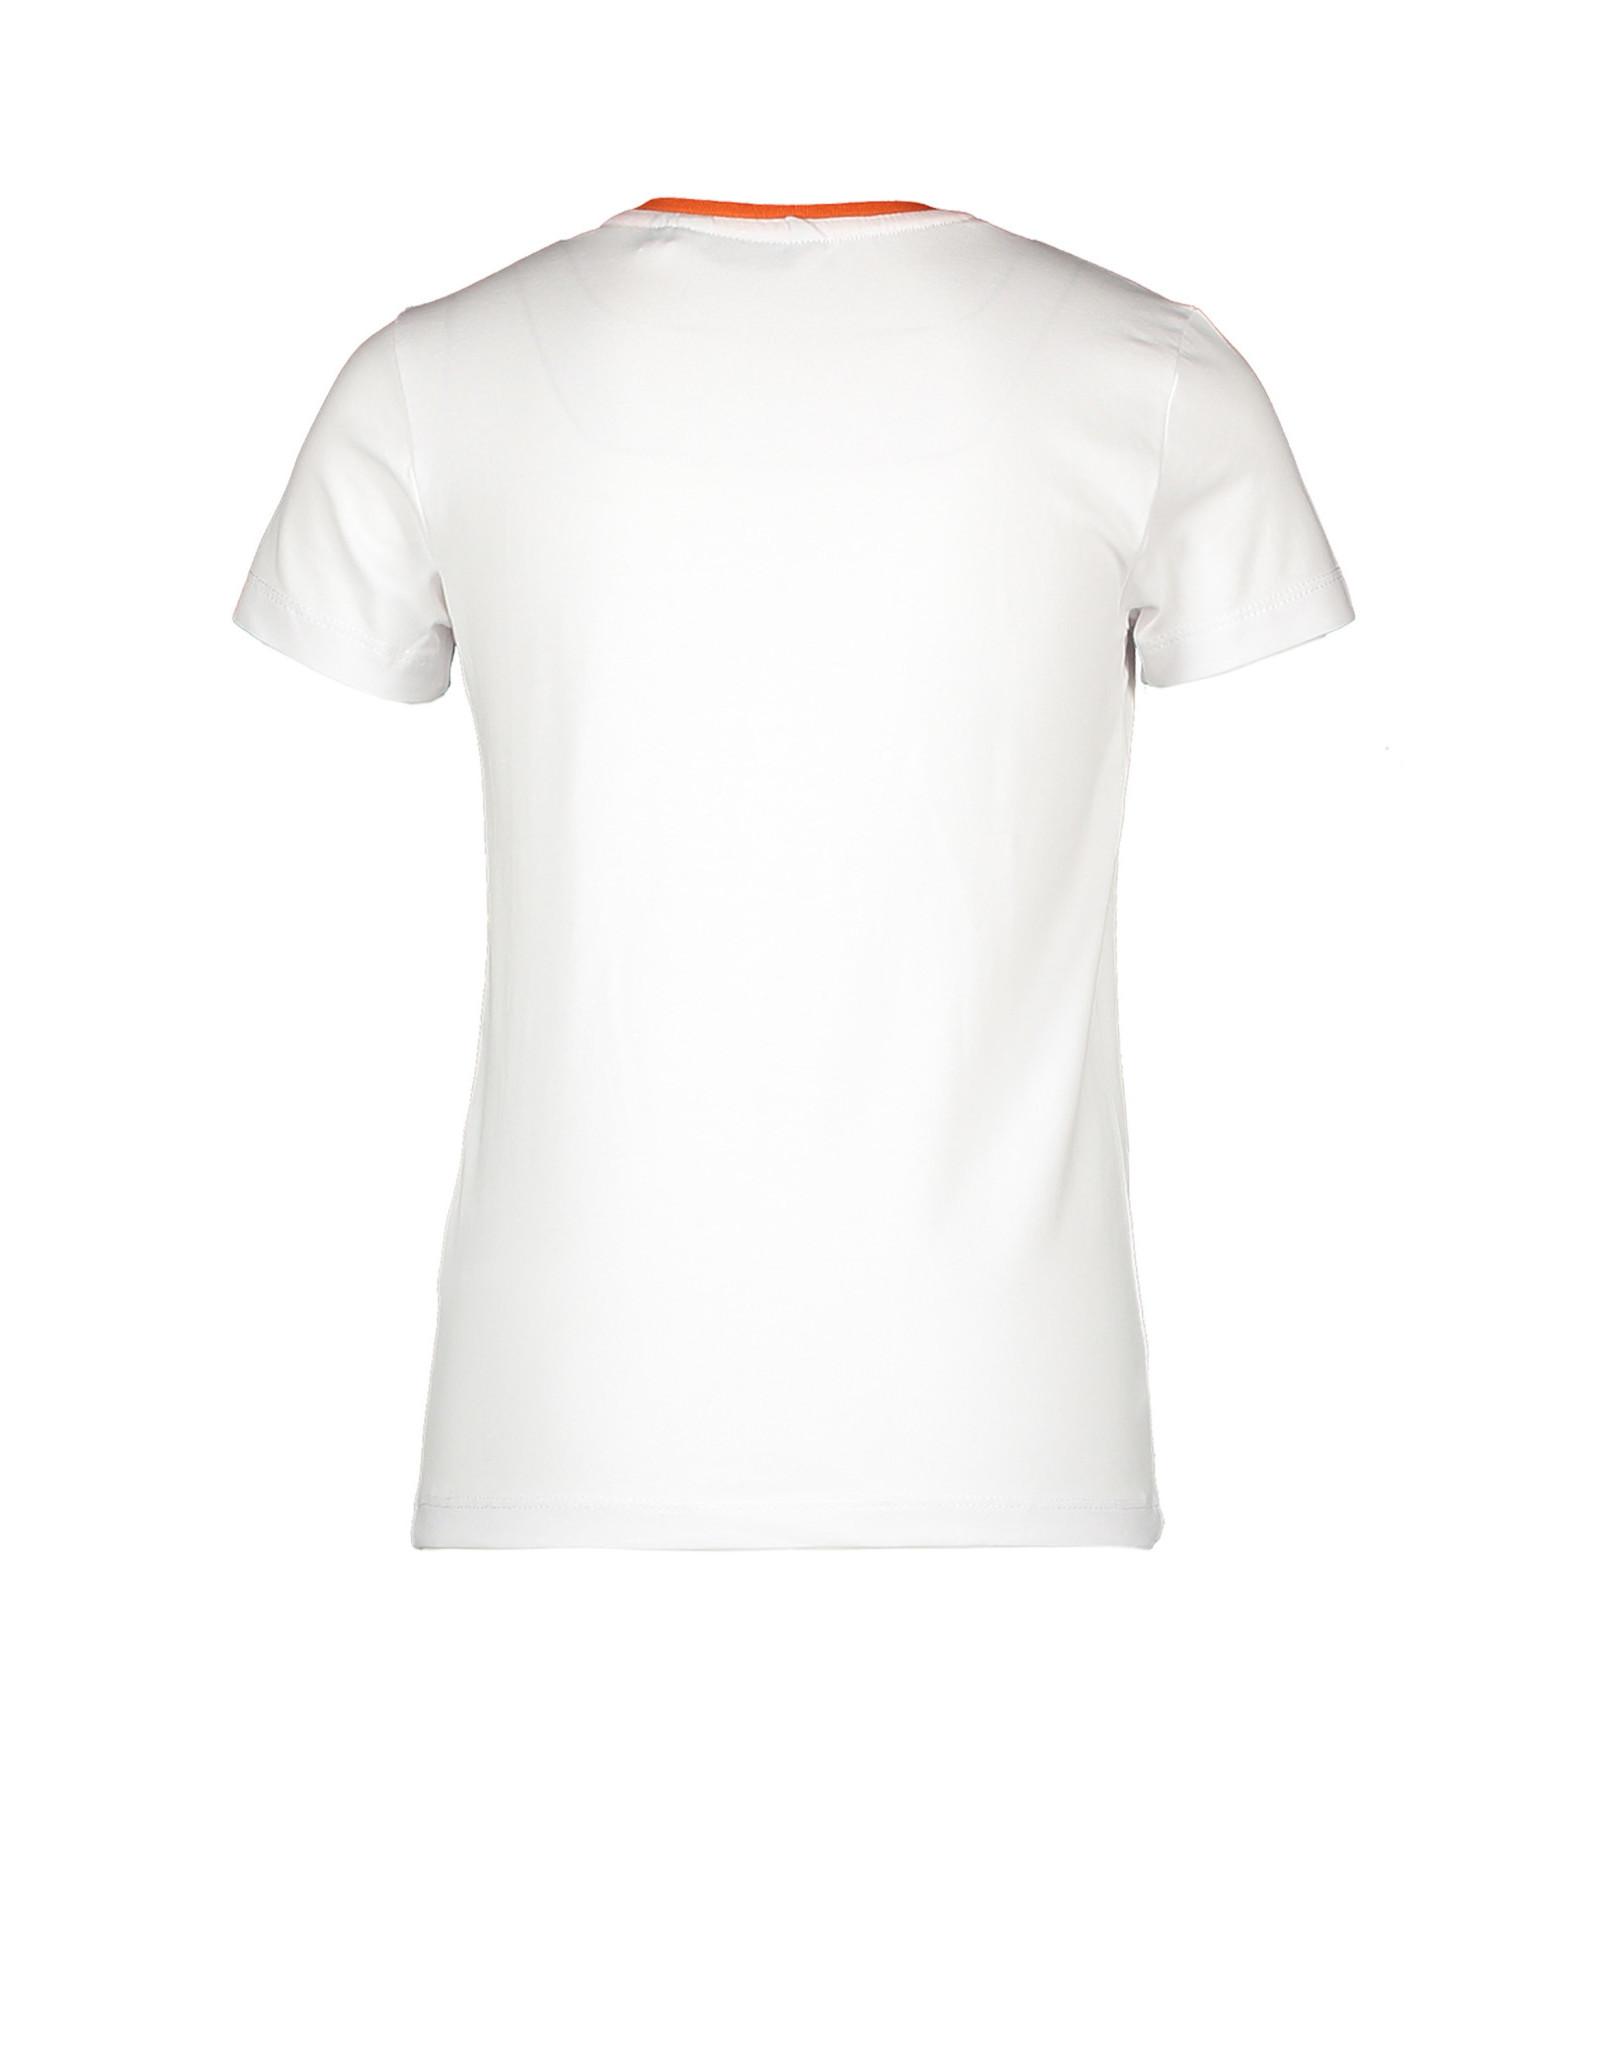 Moodstreet Moodstreet meisjes t-shirt White Glitterprint